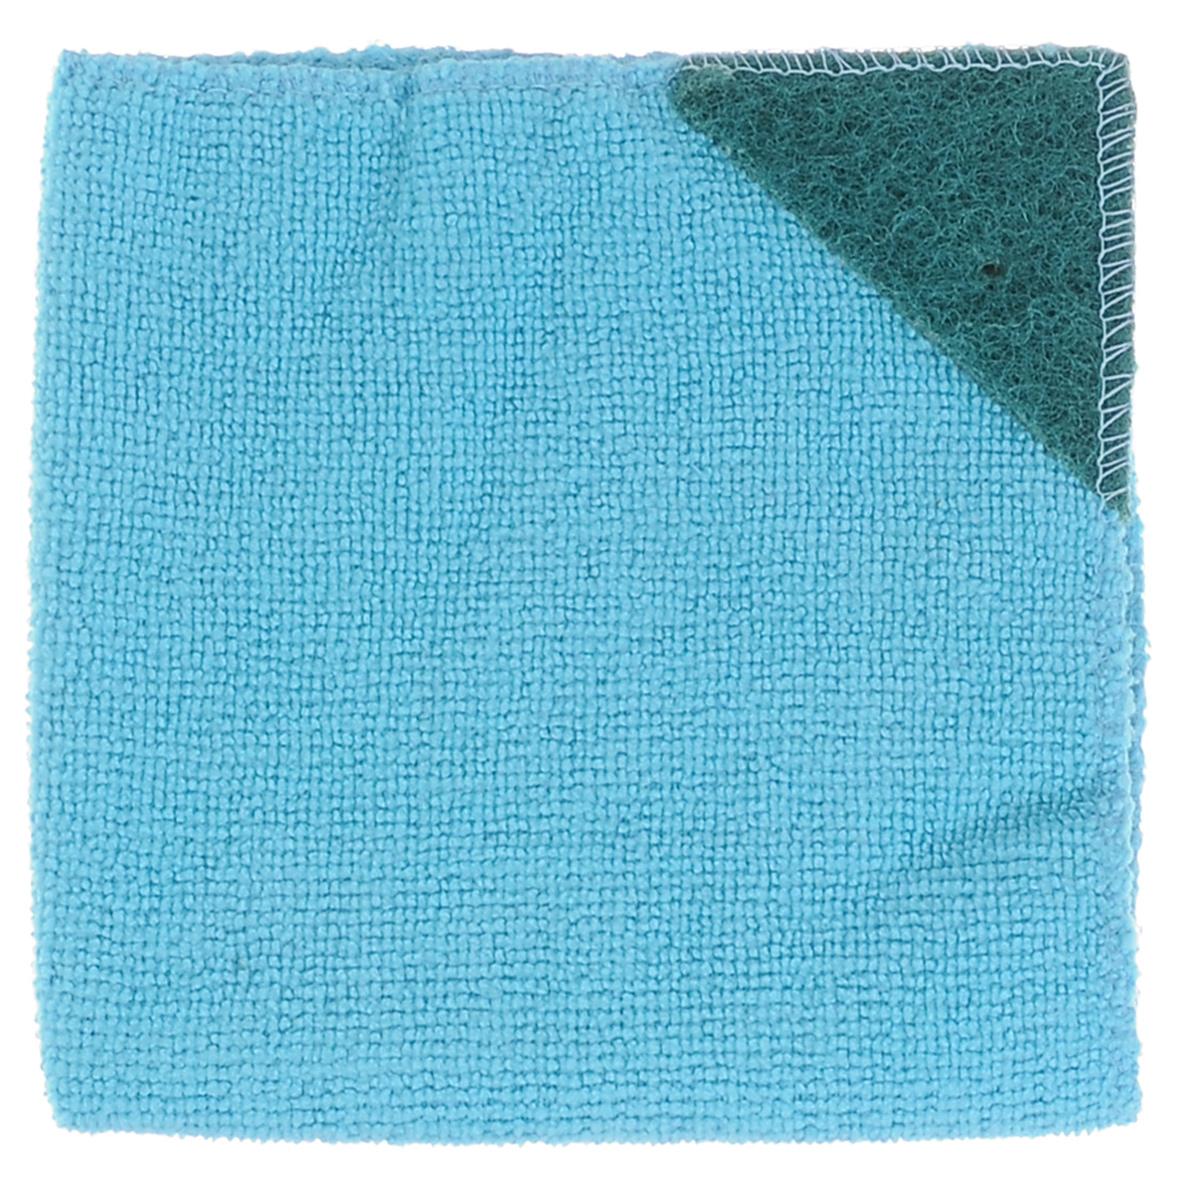 Салфетка для кухни Eva, с абразивом, цвет: голубой, 30 см х 30 см7001Салфетка Eva, выполненная из микрофибры, отлично удаляет загрязнения и впитывает влагу. Благодаря своей структуре, она не оставляет разводов, может удалять загрязнения без помощи чистящих средств и не оставляет ворса. Салфетка имеет абразивный уголок, что позволяет удалять особенно сложные загрязнения.Размер салфетки: 30 см х 30 см.